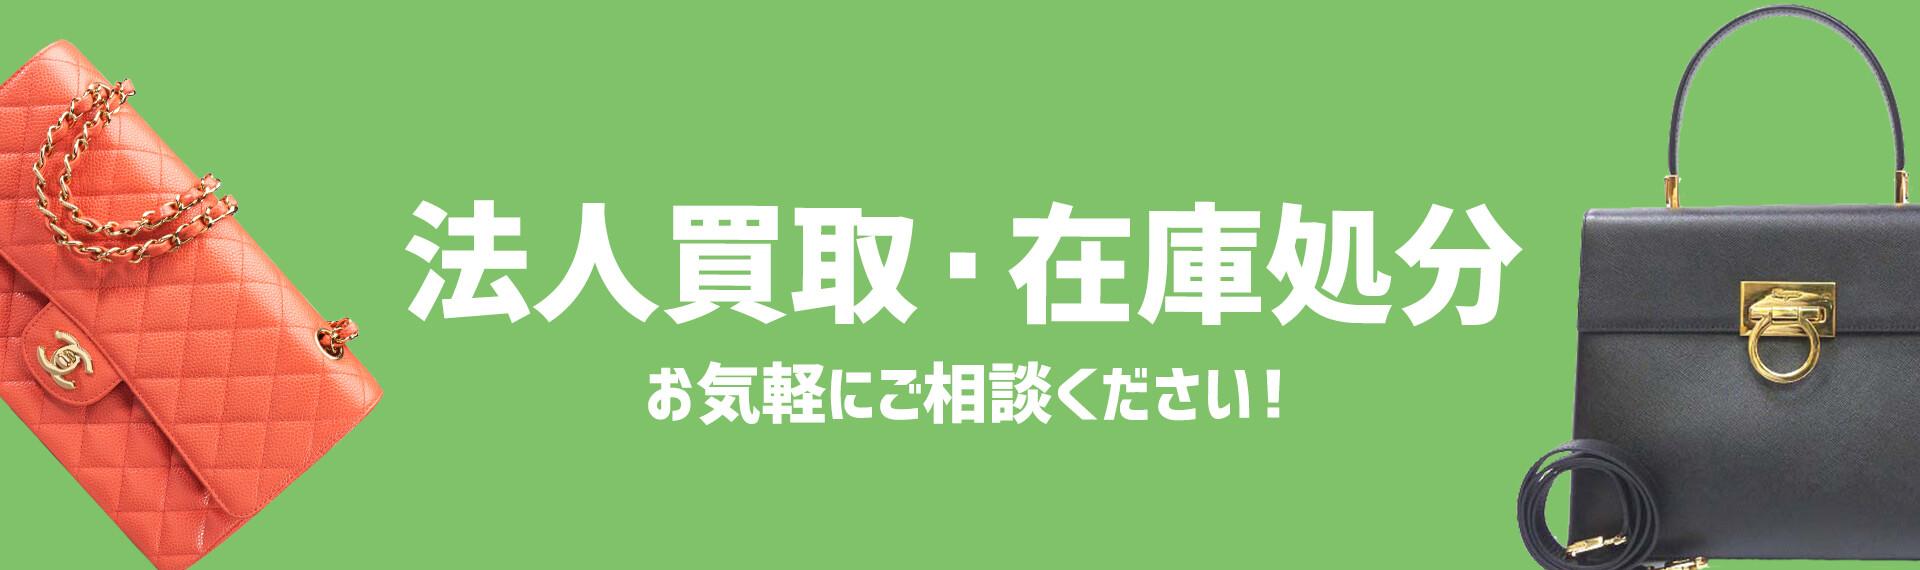 ブランド品の法人買取|在庫処分は大阪のブランドハンズ